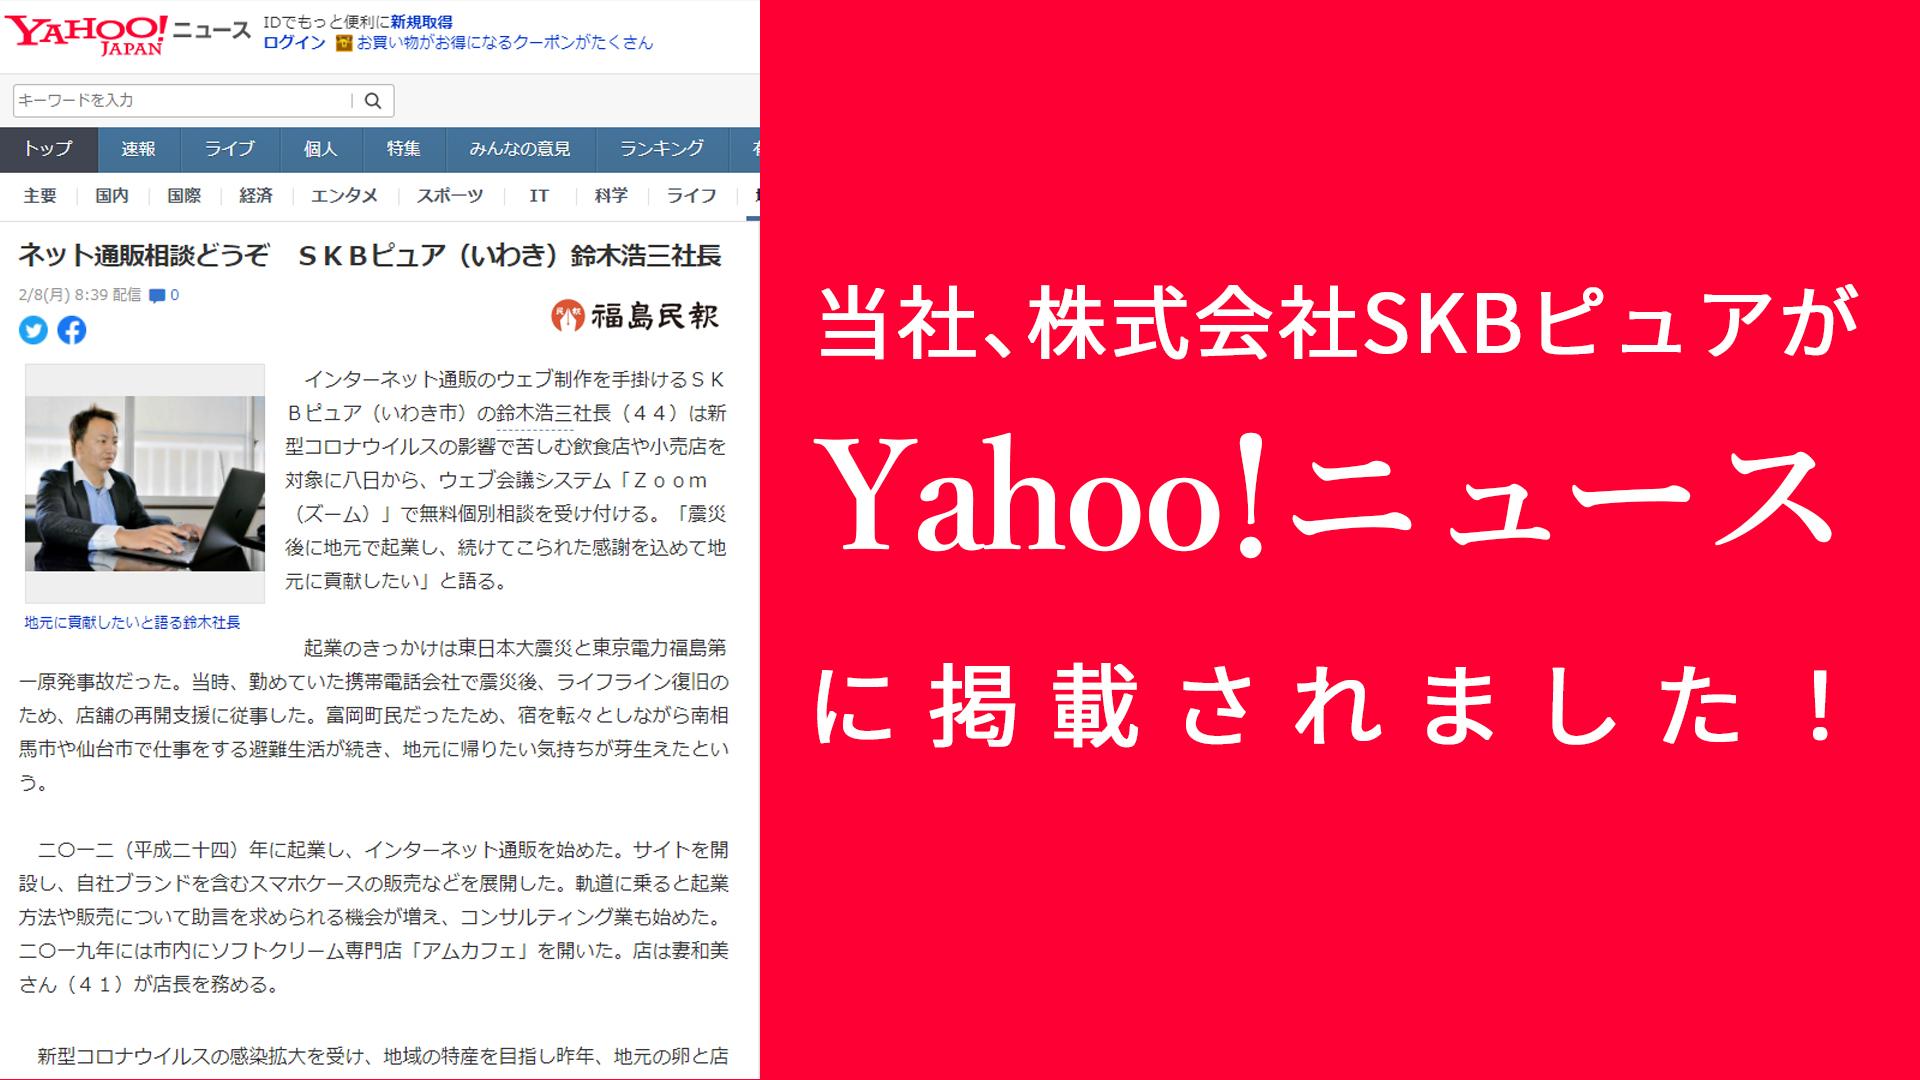 株式会社SKBピュアがYahoo!ニュースに掲載